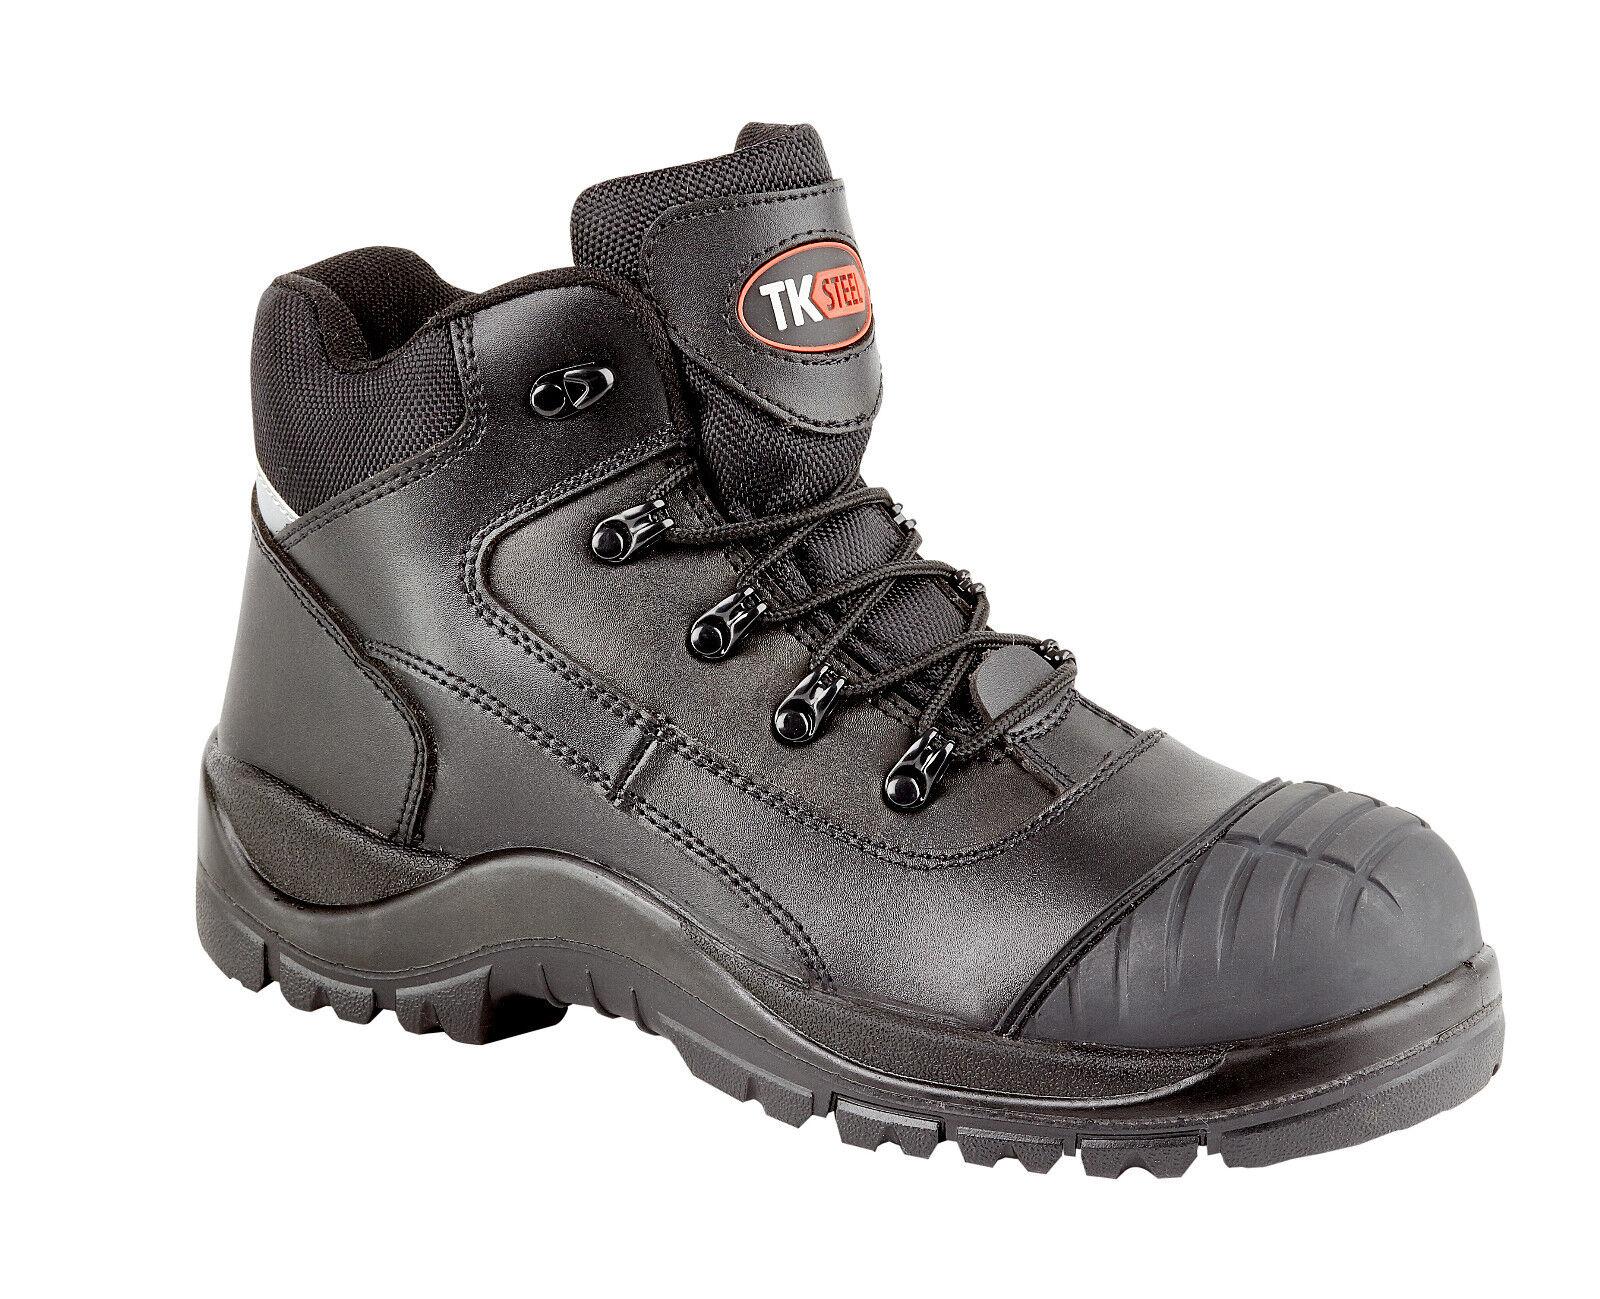 TK acciaio 2115 s3 SRC HRO Puntale in Acciaio Nero Stivali Di Sicurezza Lavoro Stivale GRAFFI CAP